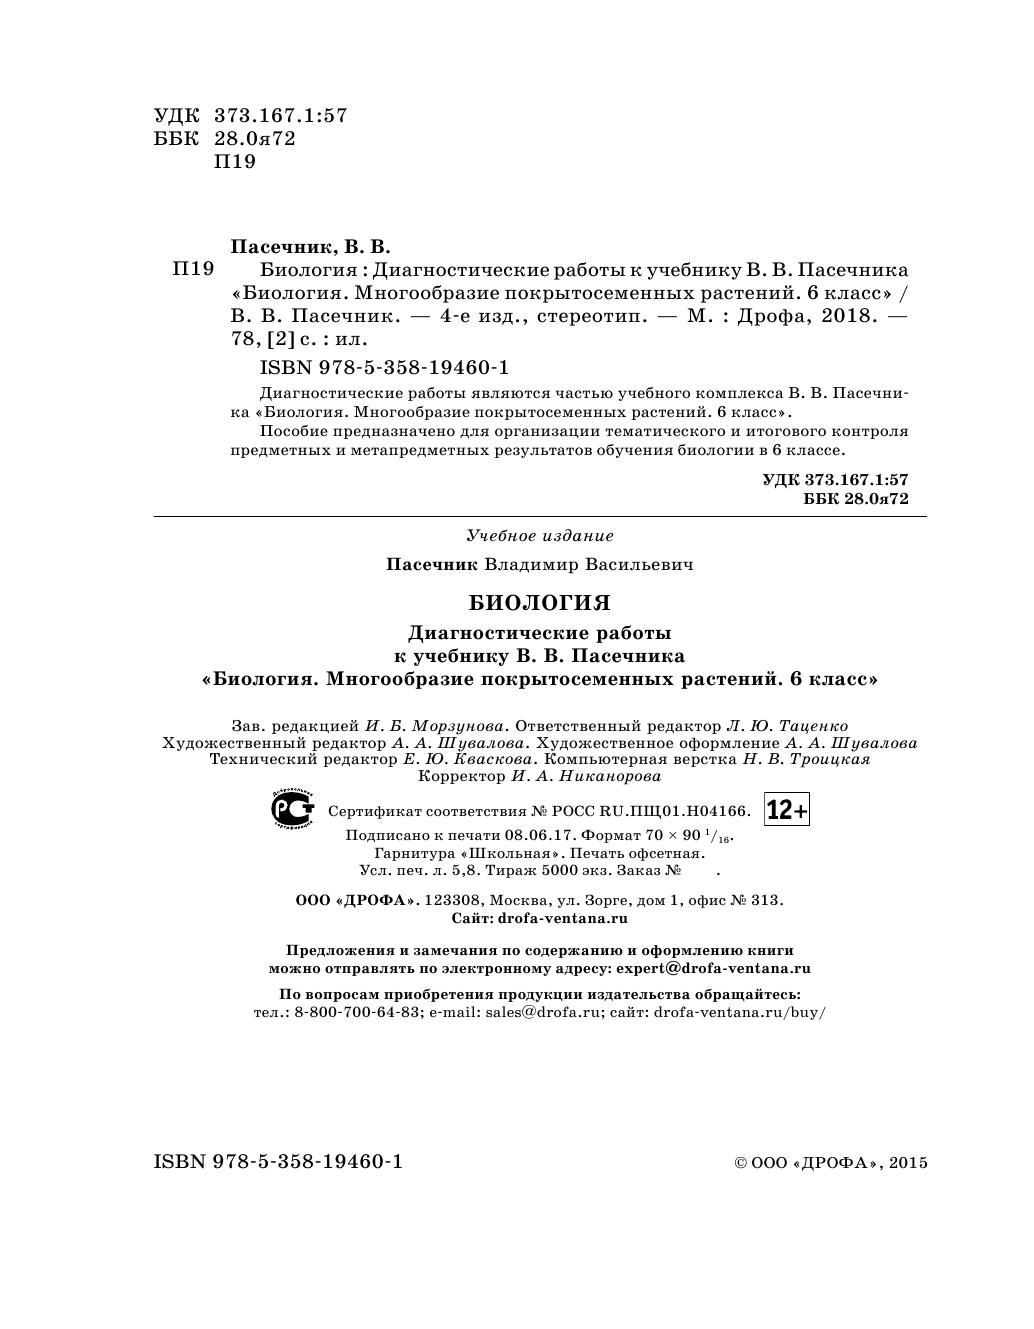 Www.drofa.ru биология 6 класс